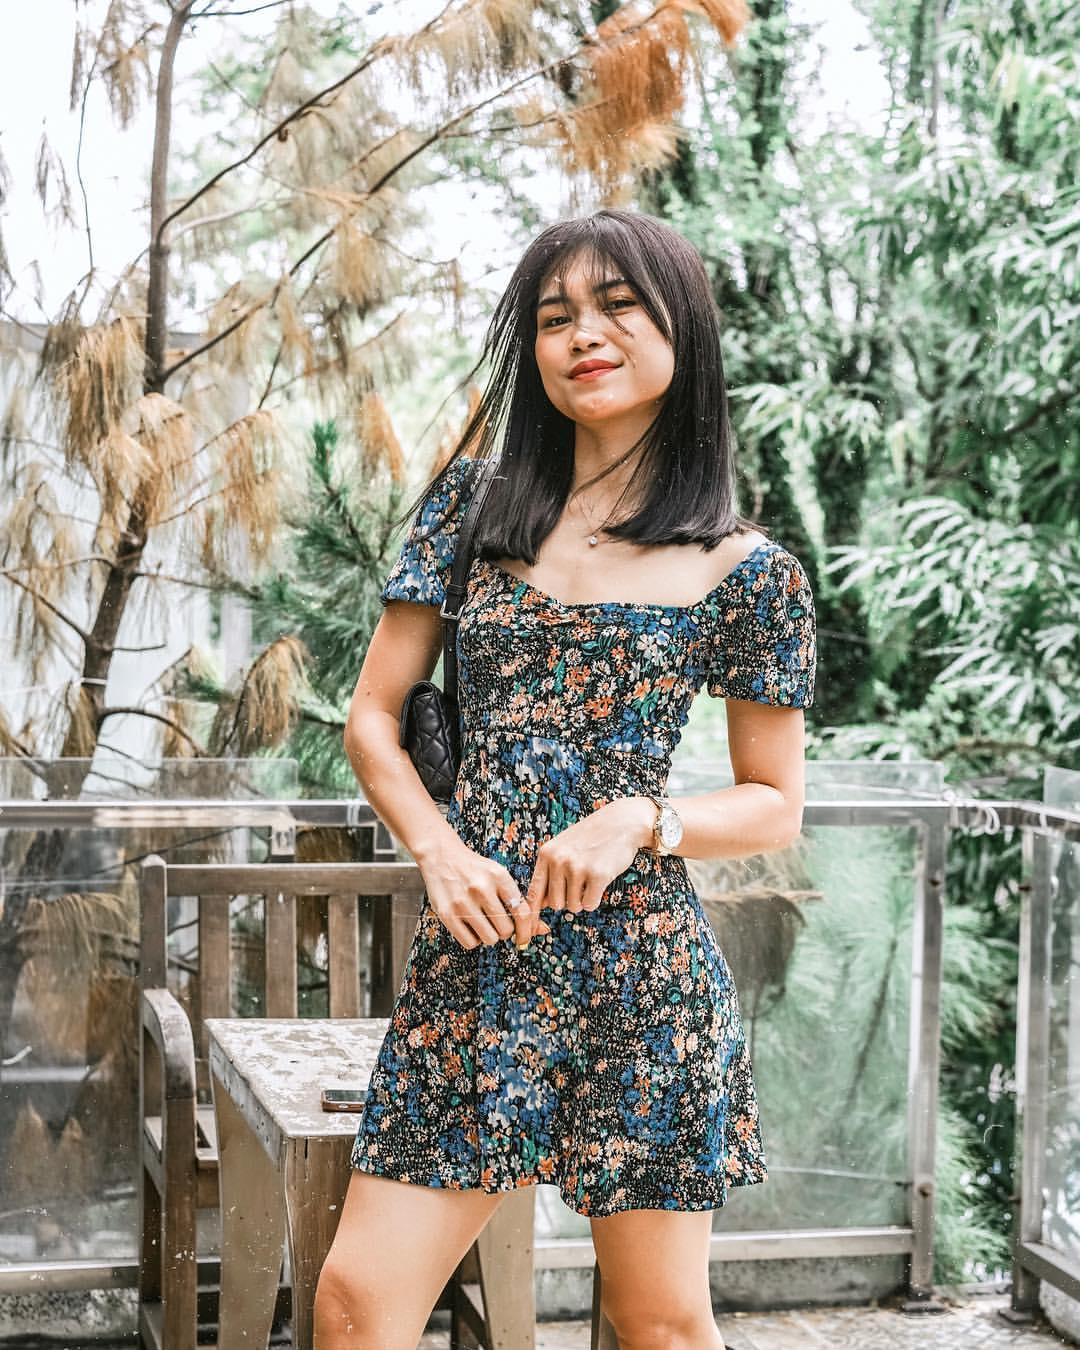 Tiền vệ Indonesia cầu hôn lãng mạn với bạn gái siêu xinh đẹp và nóng bỏng - 6